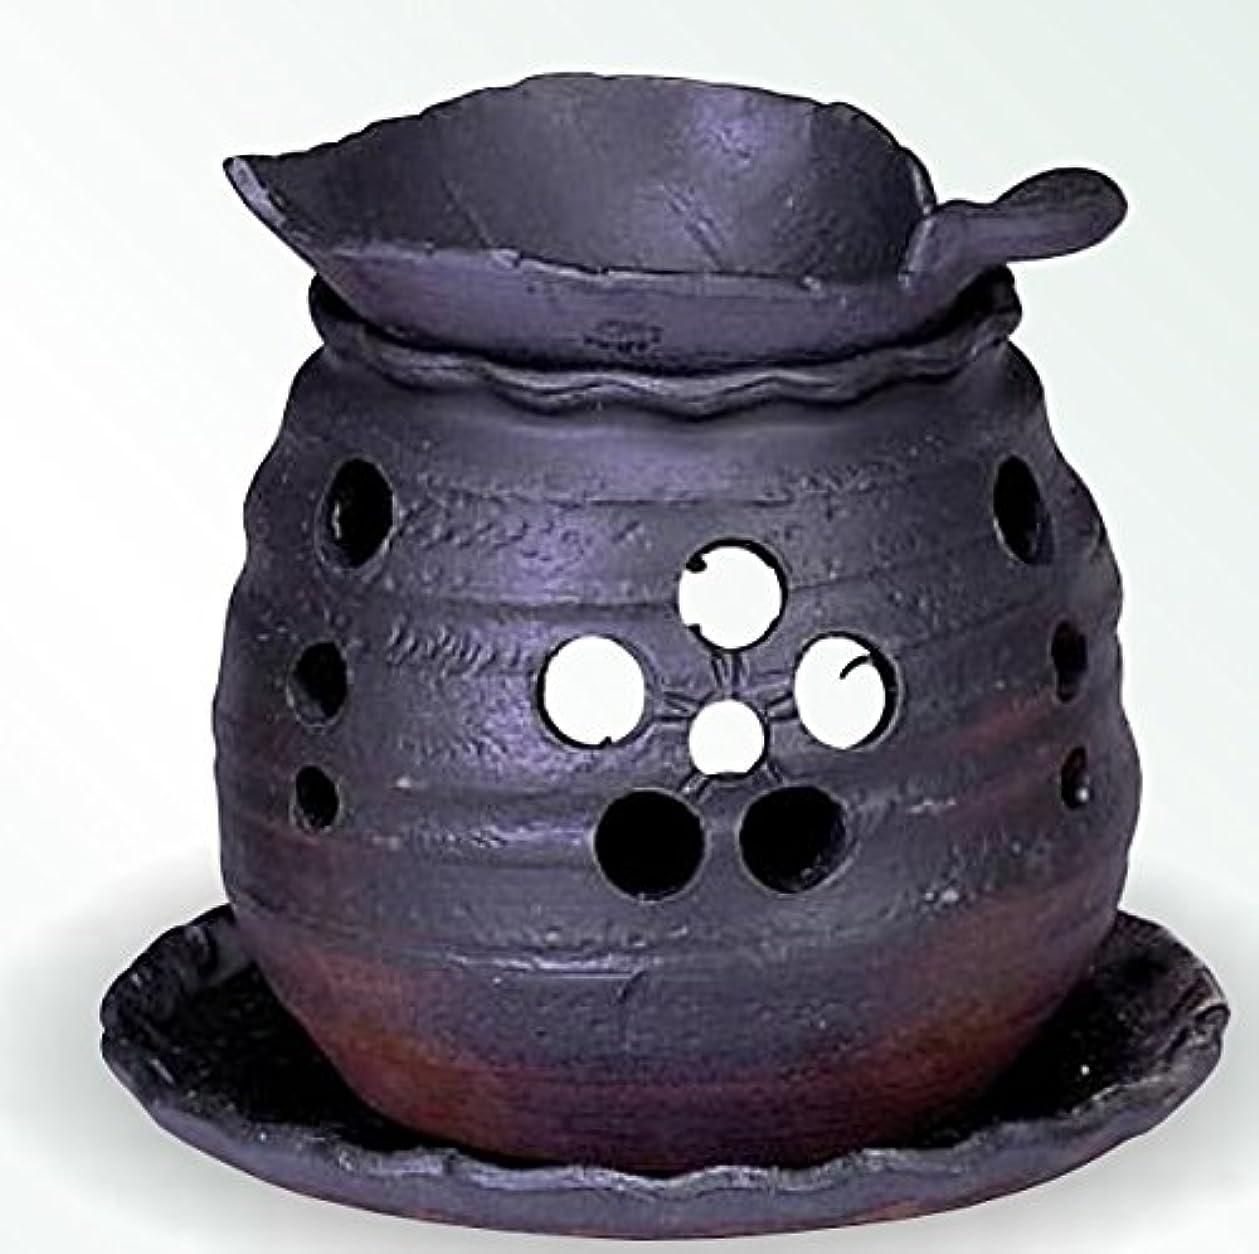 ログレパートリーマーガレットミッチェル常滑焼 茶香炉(アロマポット)木ノ葉皿 径10×高さ10.5cm